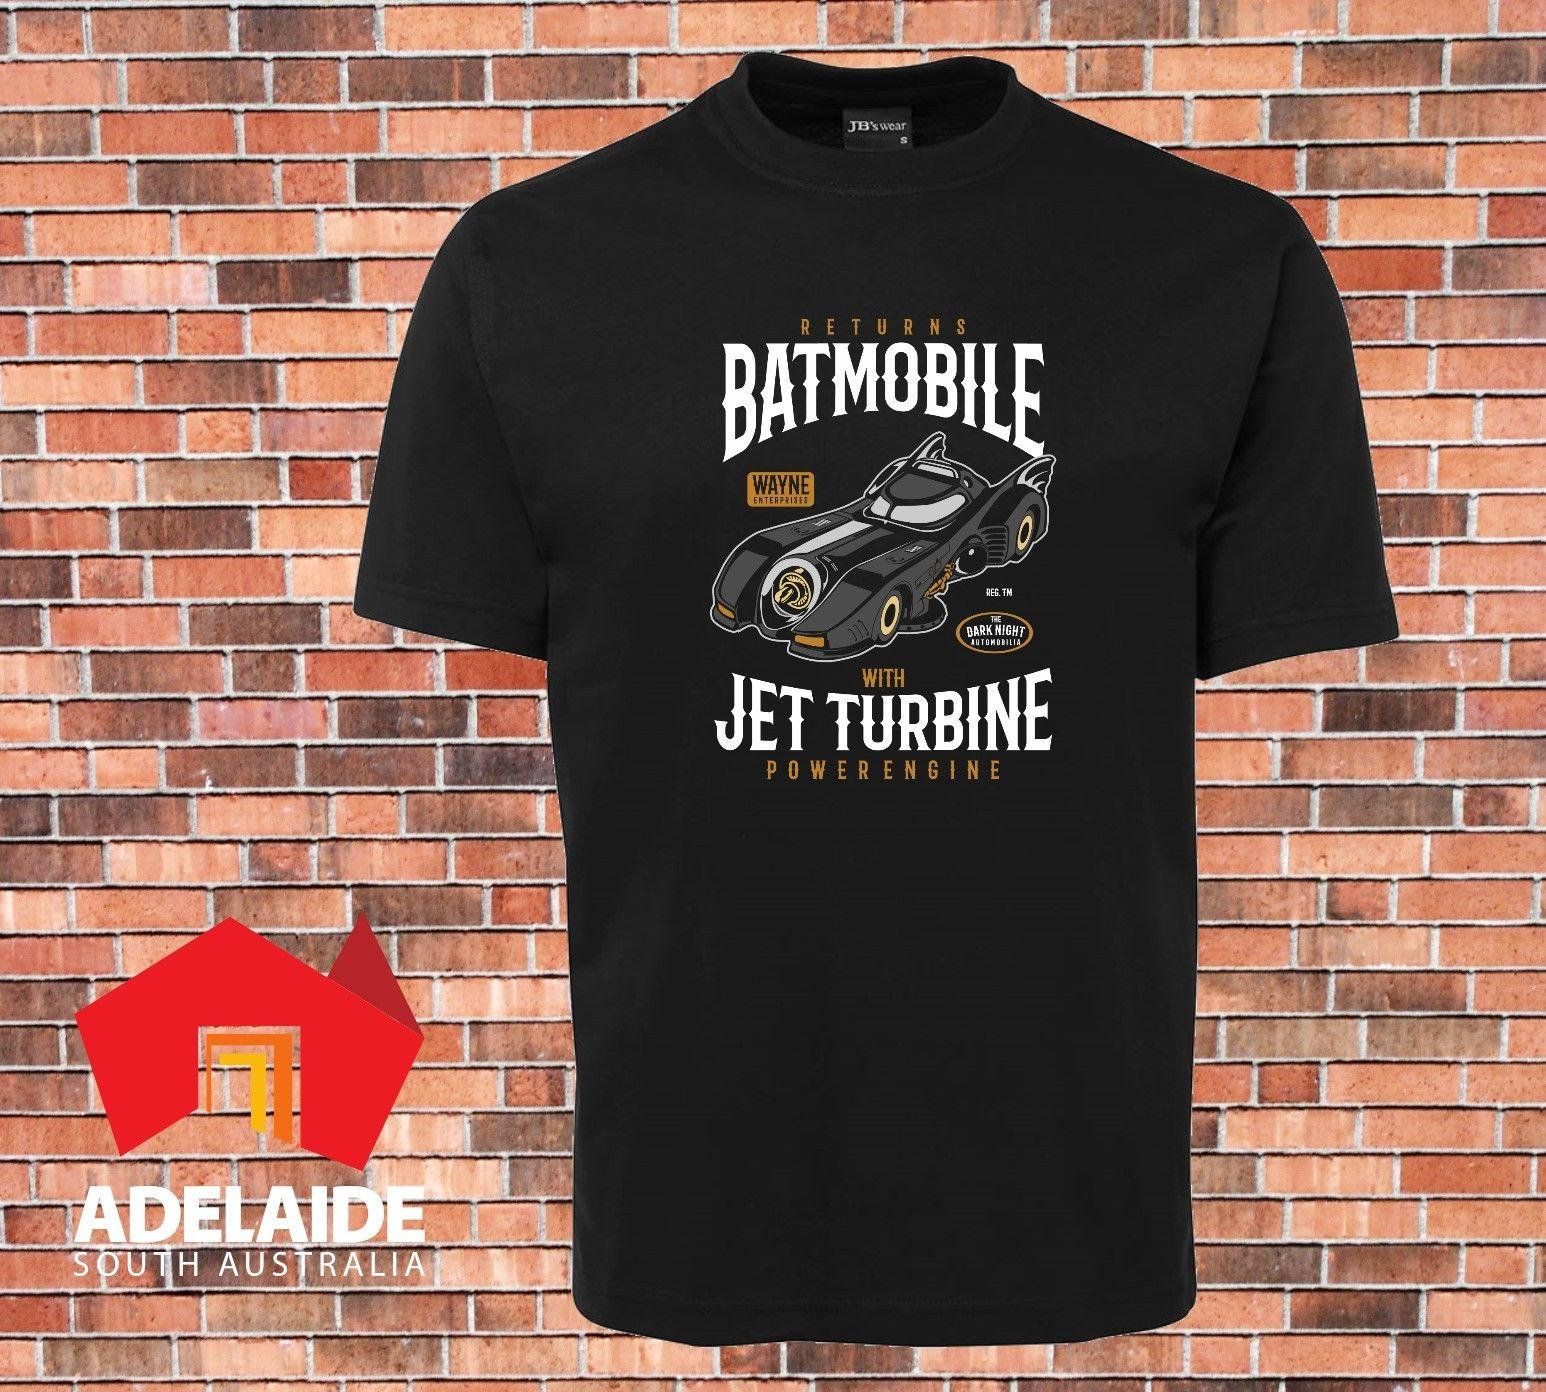 2019 Мода Прохладный Черная футболка Бэтмобиль возвращается Темный рыцарь Бэтмен Новый дизайн футболочку